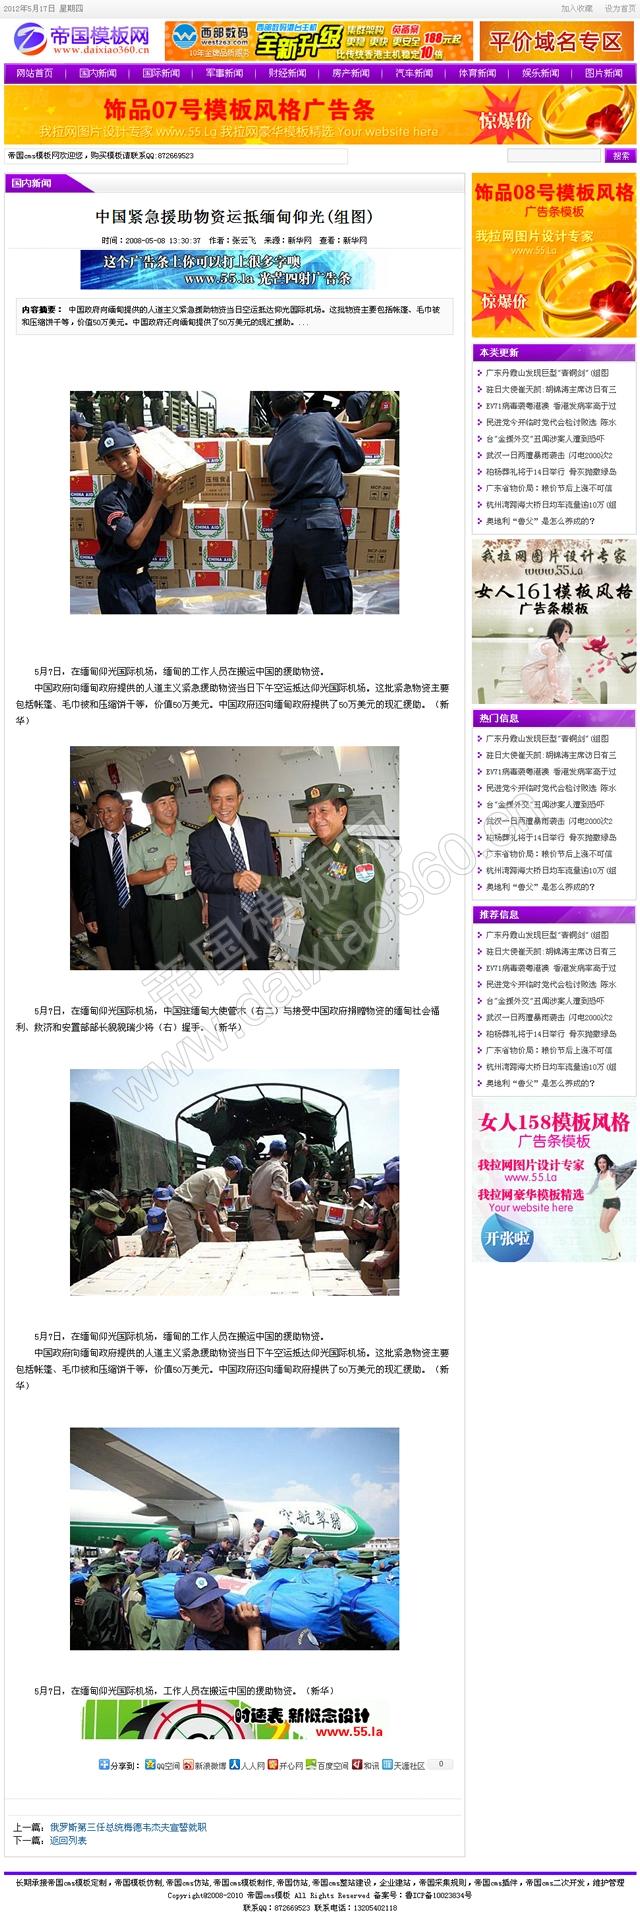 帝国cms紫色大气资讯新闻文章模板_内容页